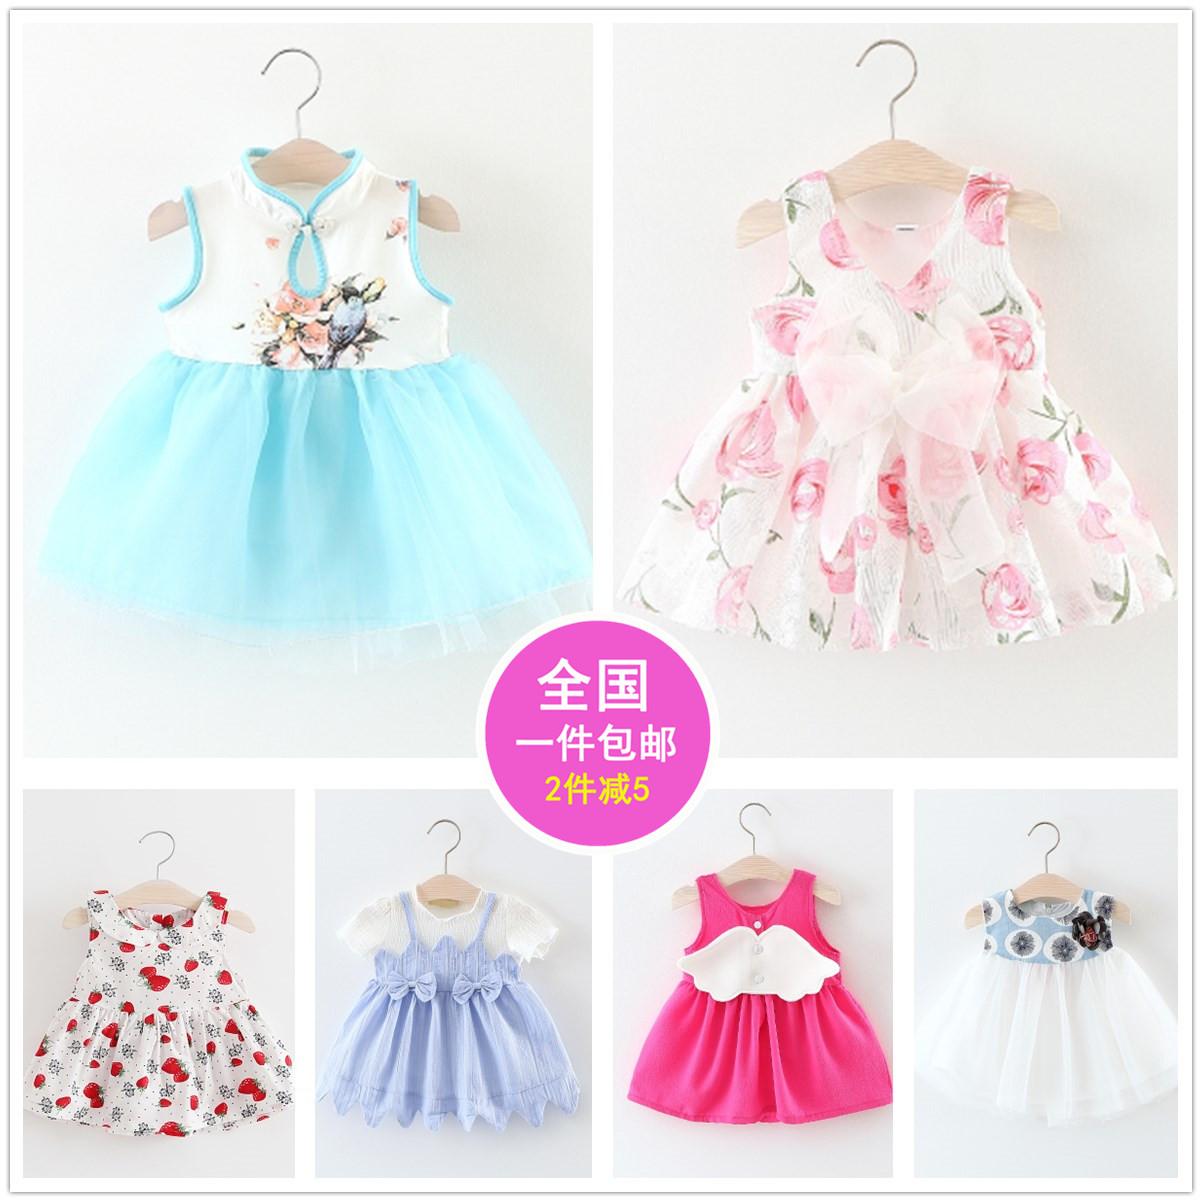 女宝宝夏装婴幼儿童纯棉连衣裙女宝夏季女童公主背心裙子1-2-3岁0